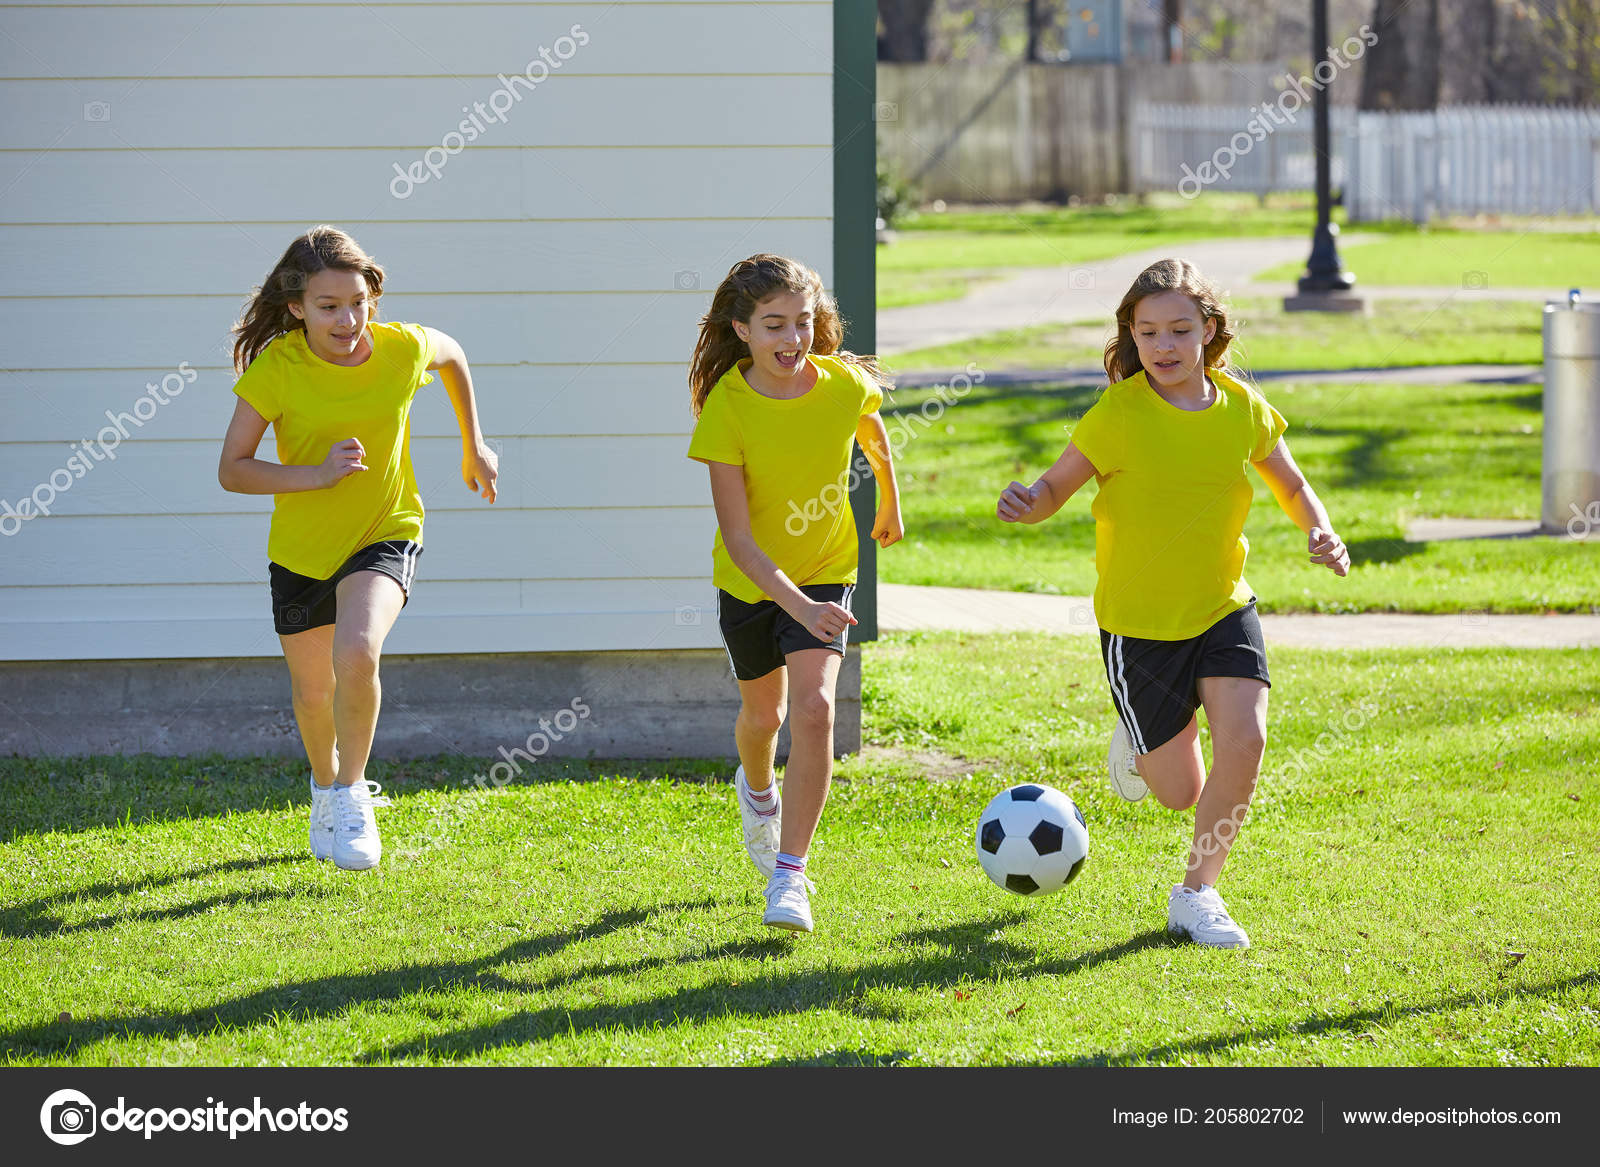 Adolescentes Niñas Amigo Jugando Fútbol Césped Parque